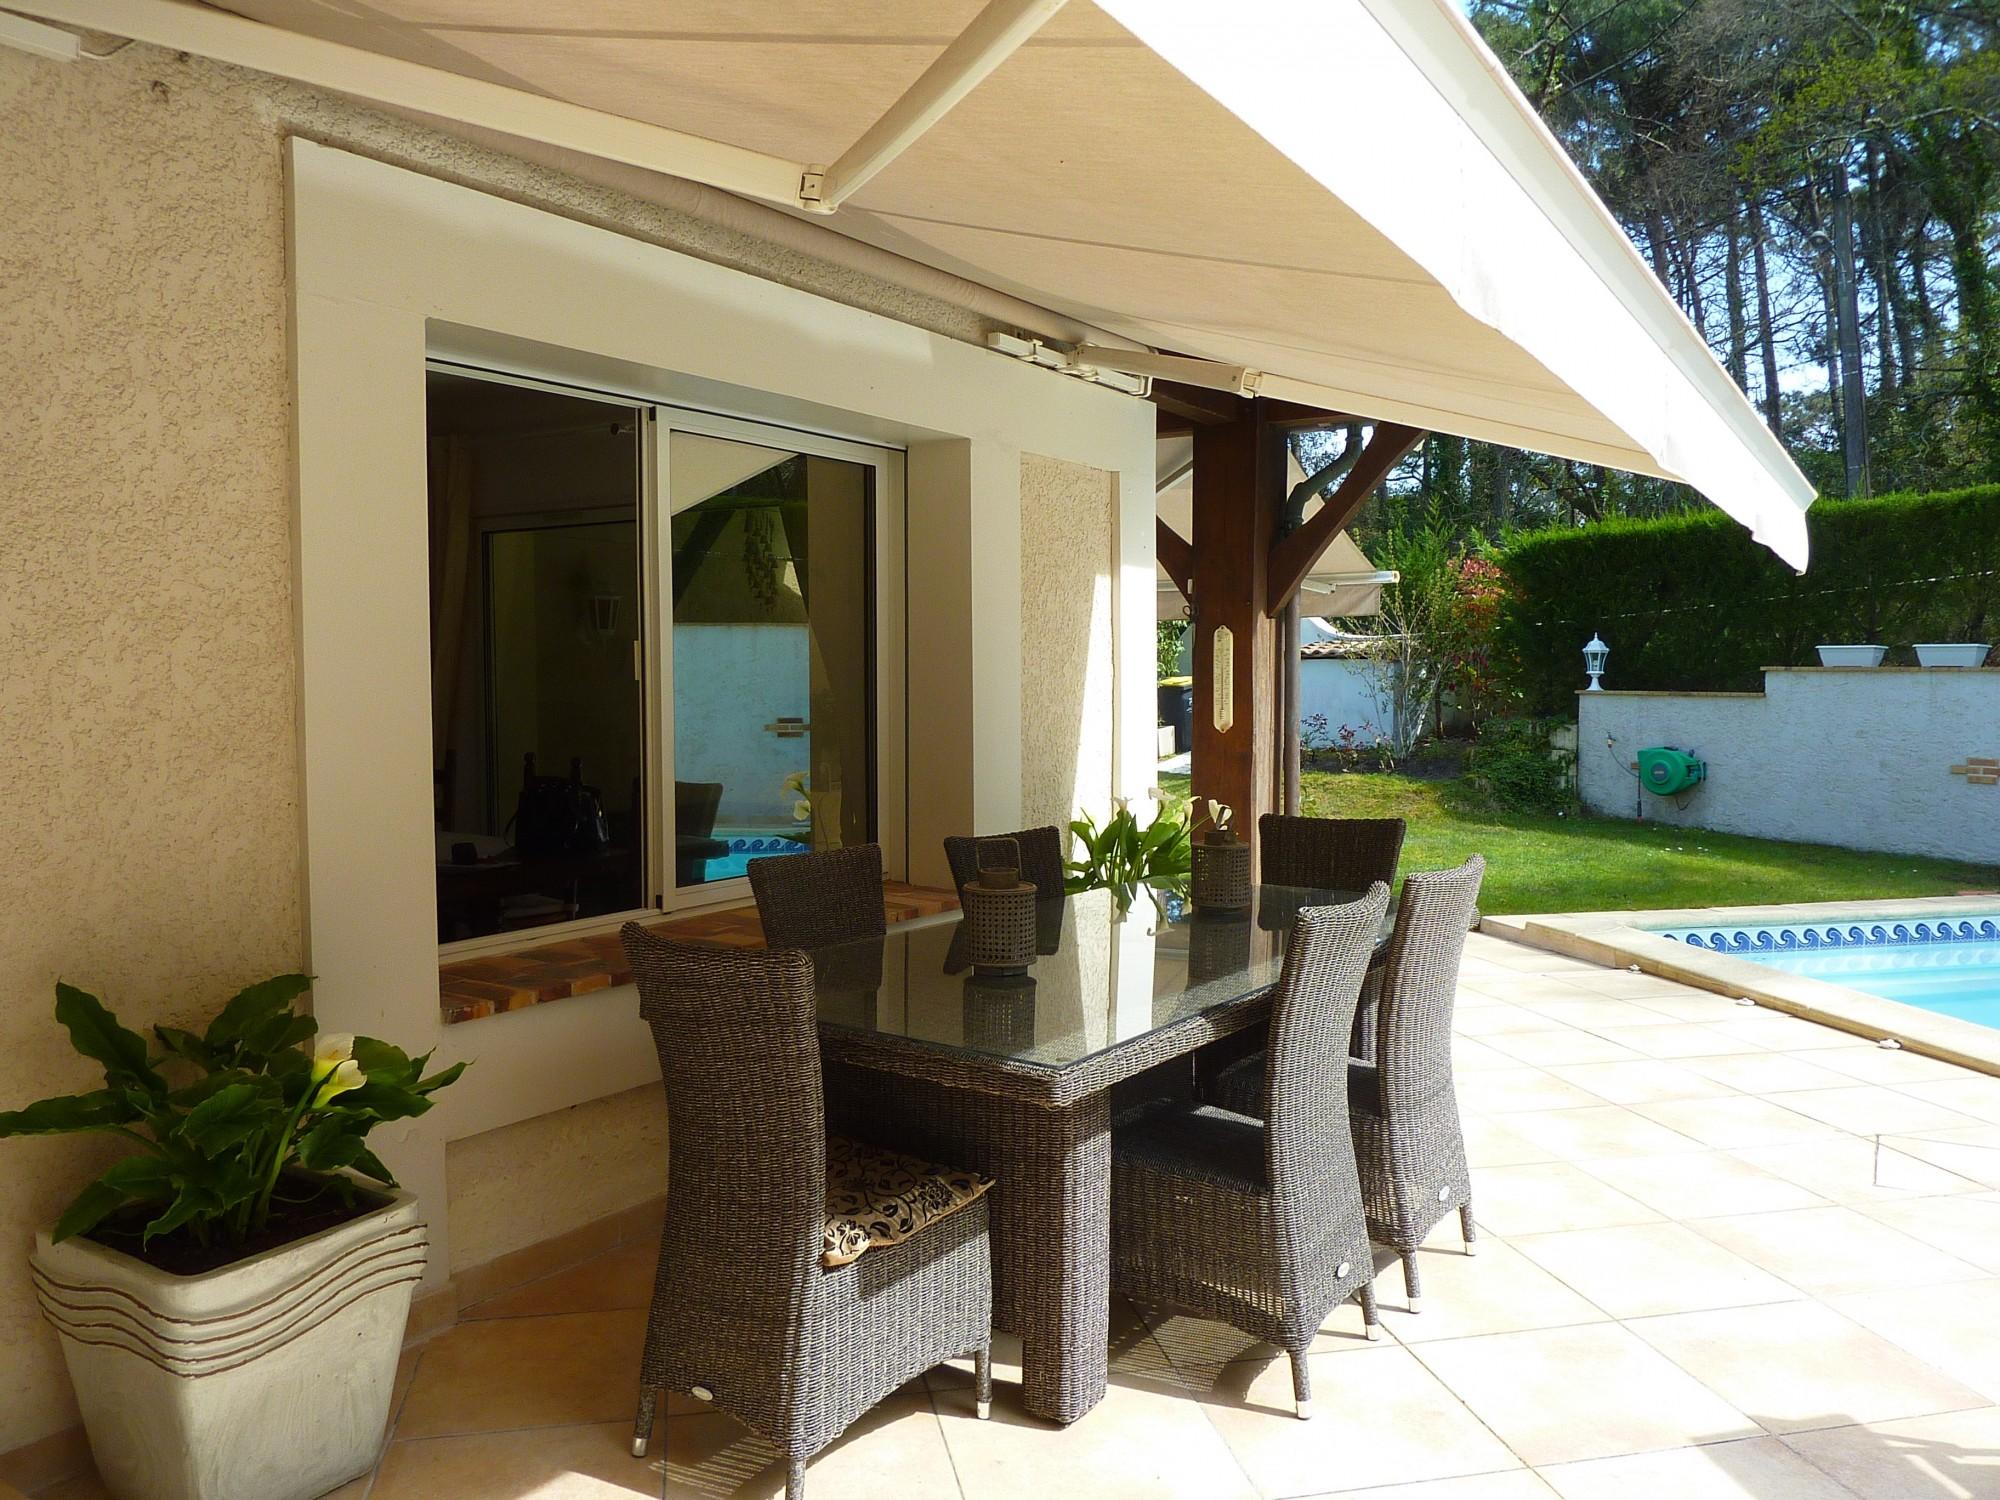 Villa cuisine, séjour, 4 chambres, jardin, piscine, vendue par BARNES PYLA